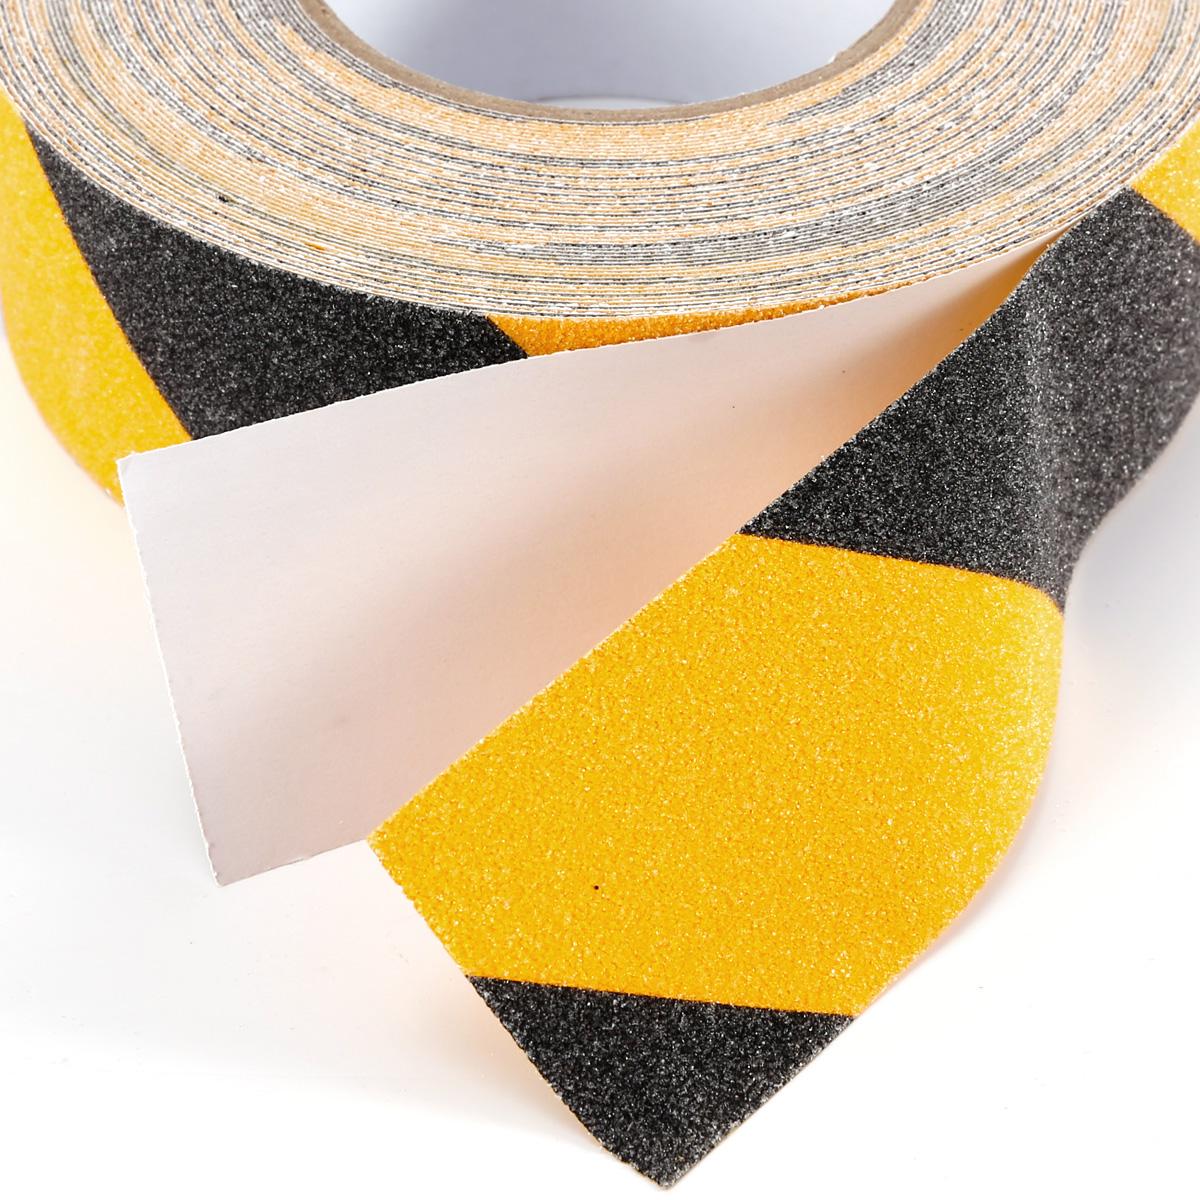 20m x 50mm schwarz gelb antirutschband klebeband boot treppe stufe wohnung ebay. Black Bedroom Furniture Sets. Home Design Ideas